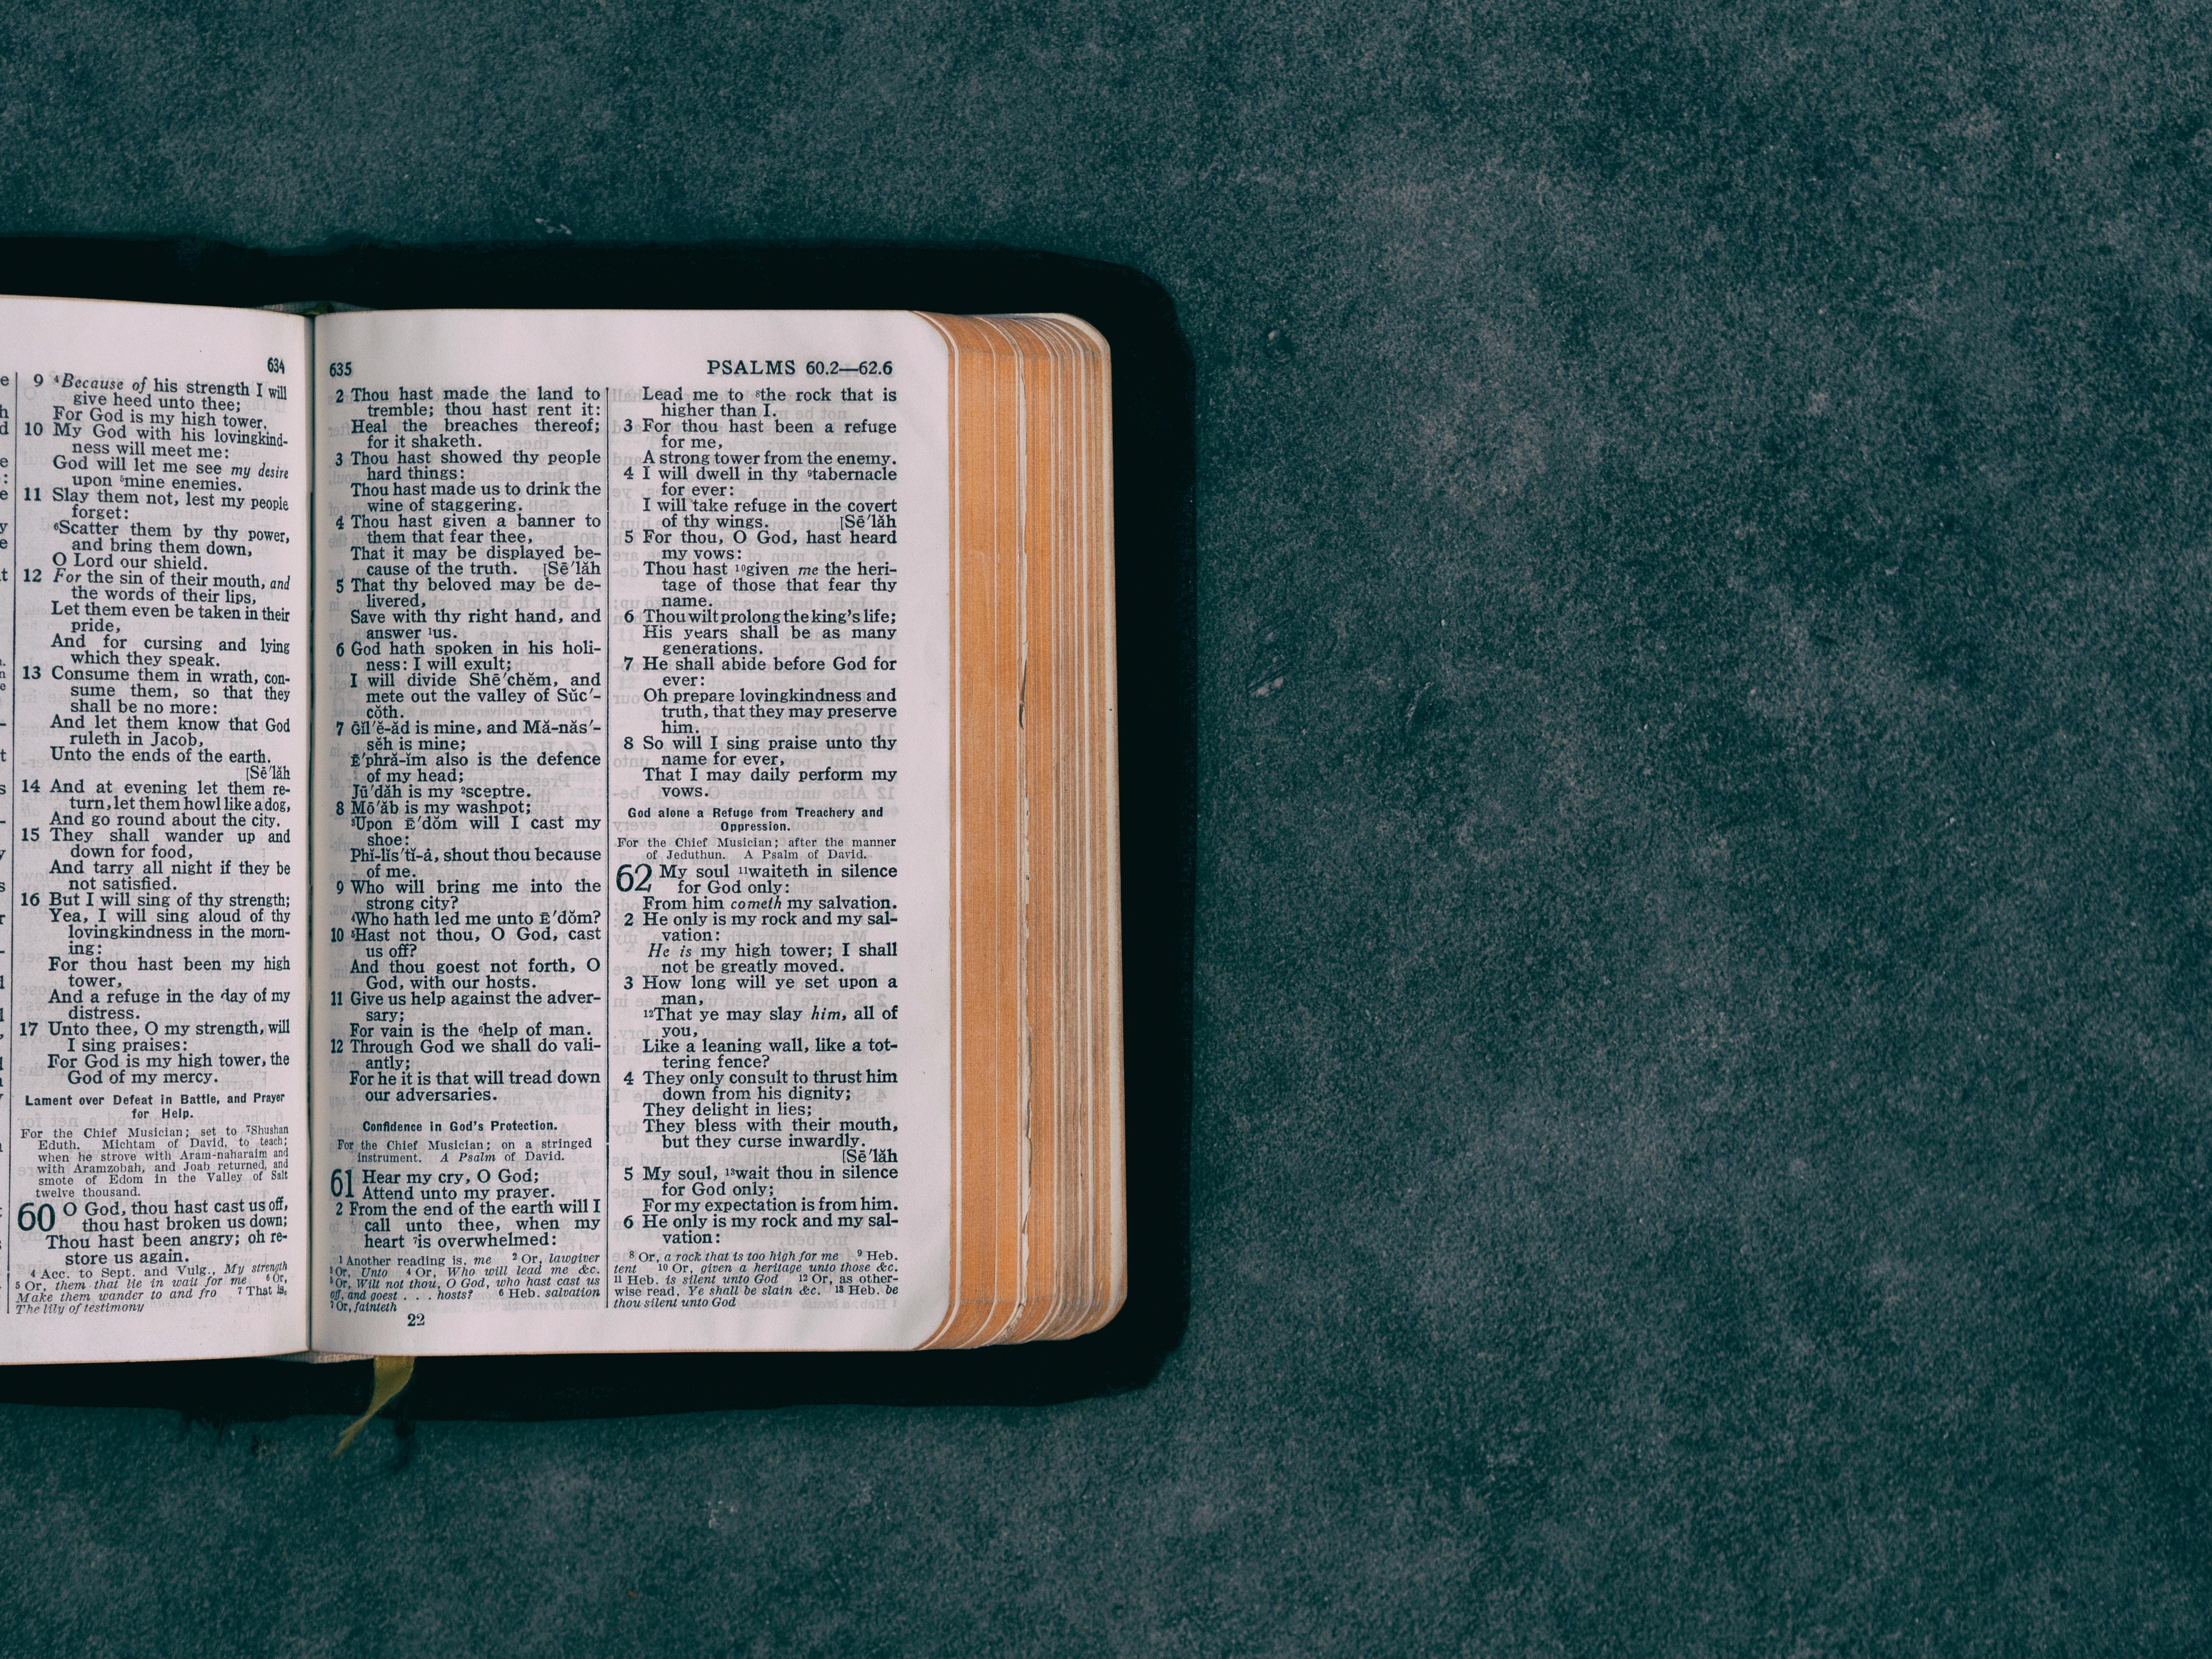 Otwarta Biblia na zielonym tle